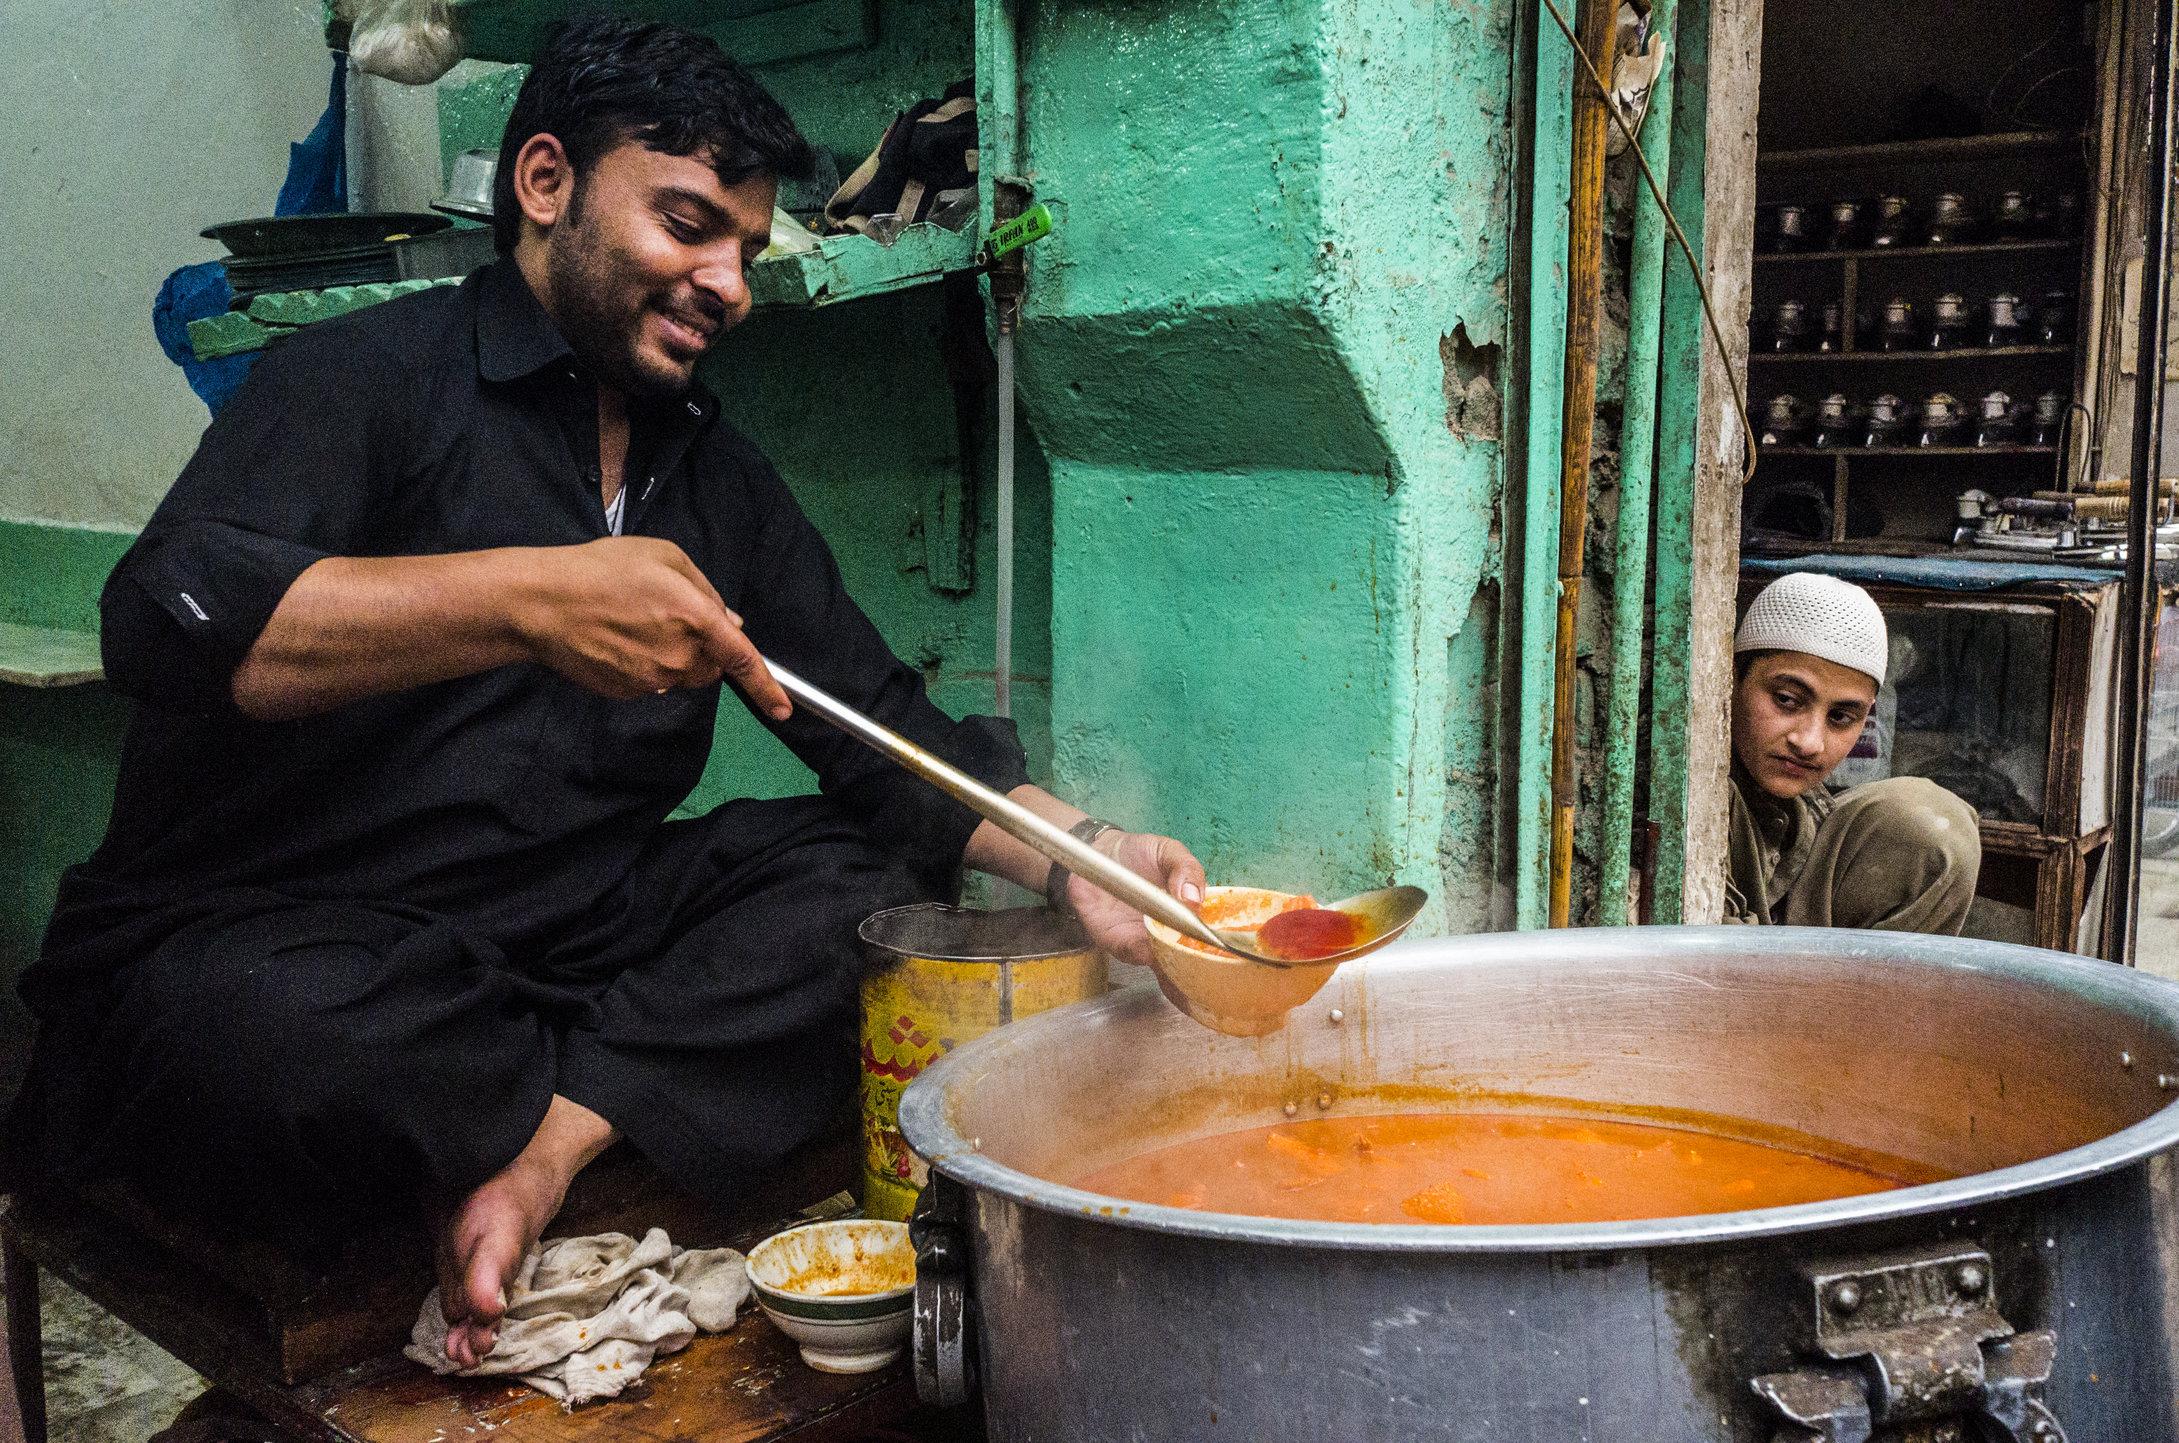 Peshawar, Pakistan. 2015.